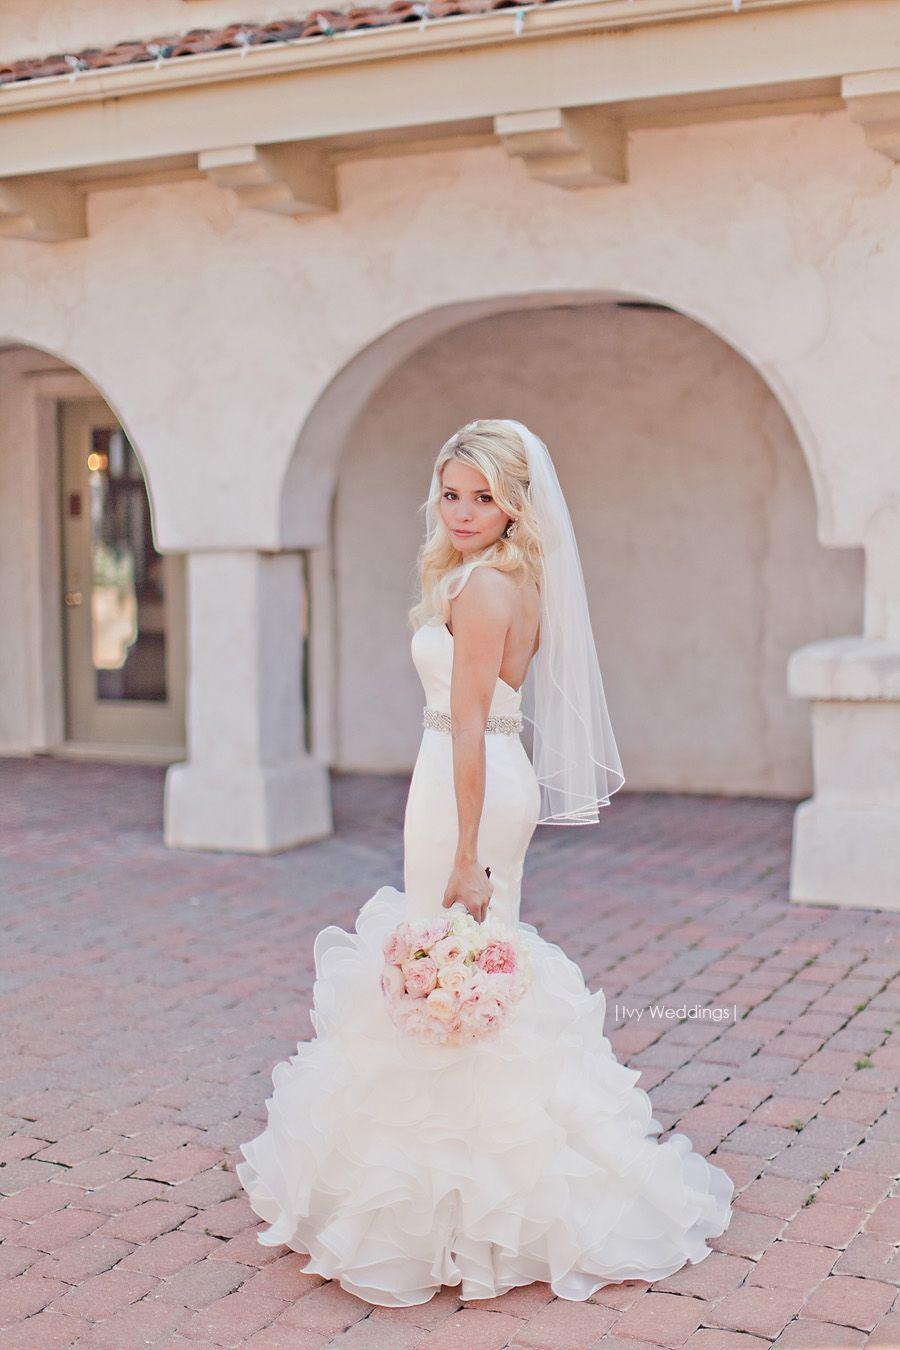 Großzügig My Dream Wedding Dress Zeitgenössisch - Brautkleider Ideen ...